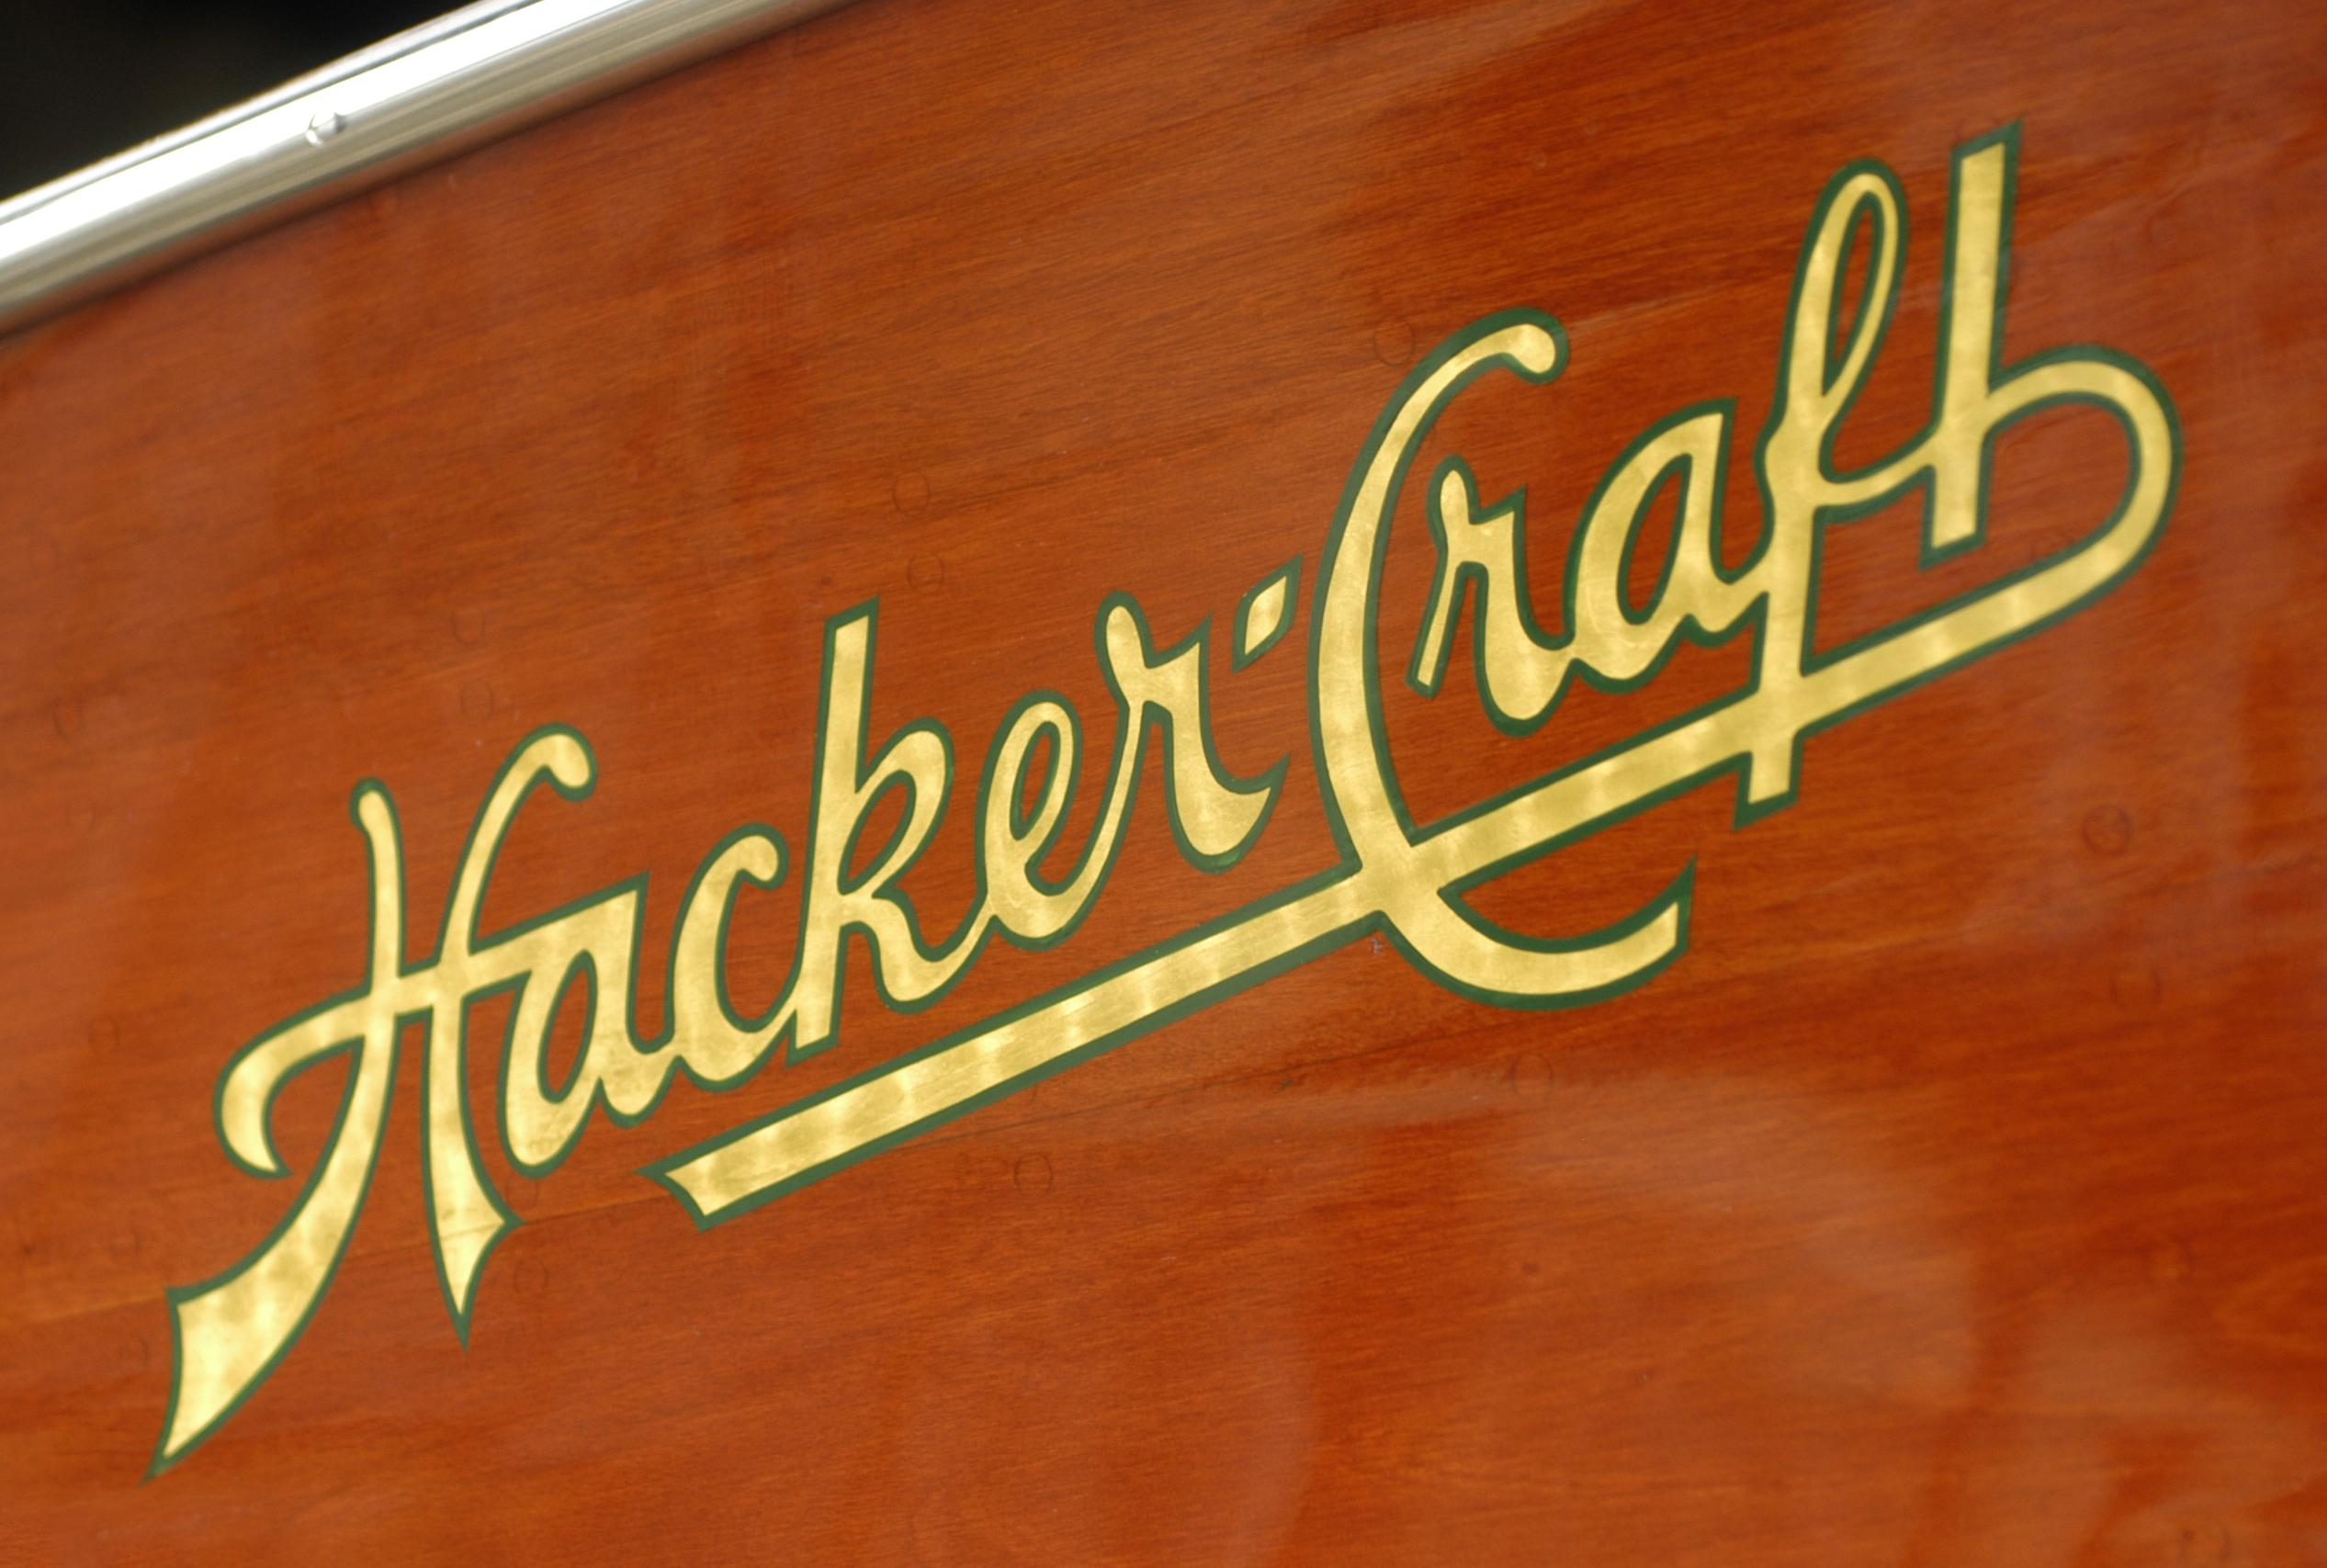 FileHacker Gold Leaf On Boat